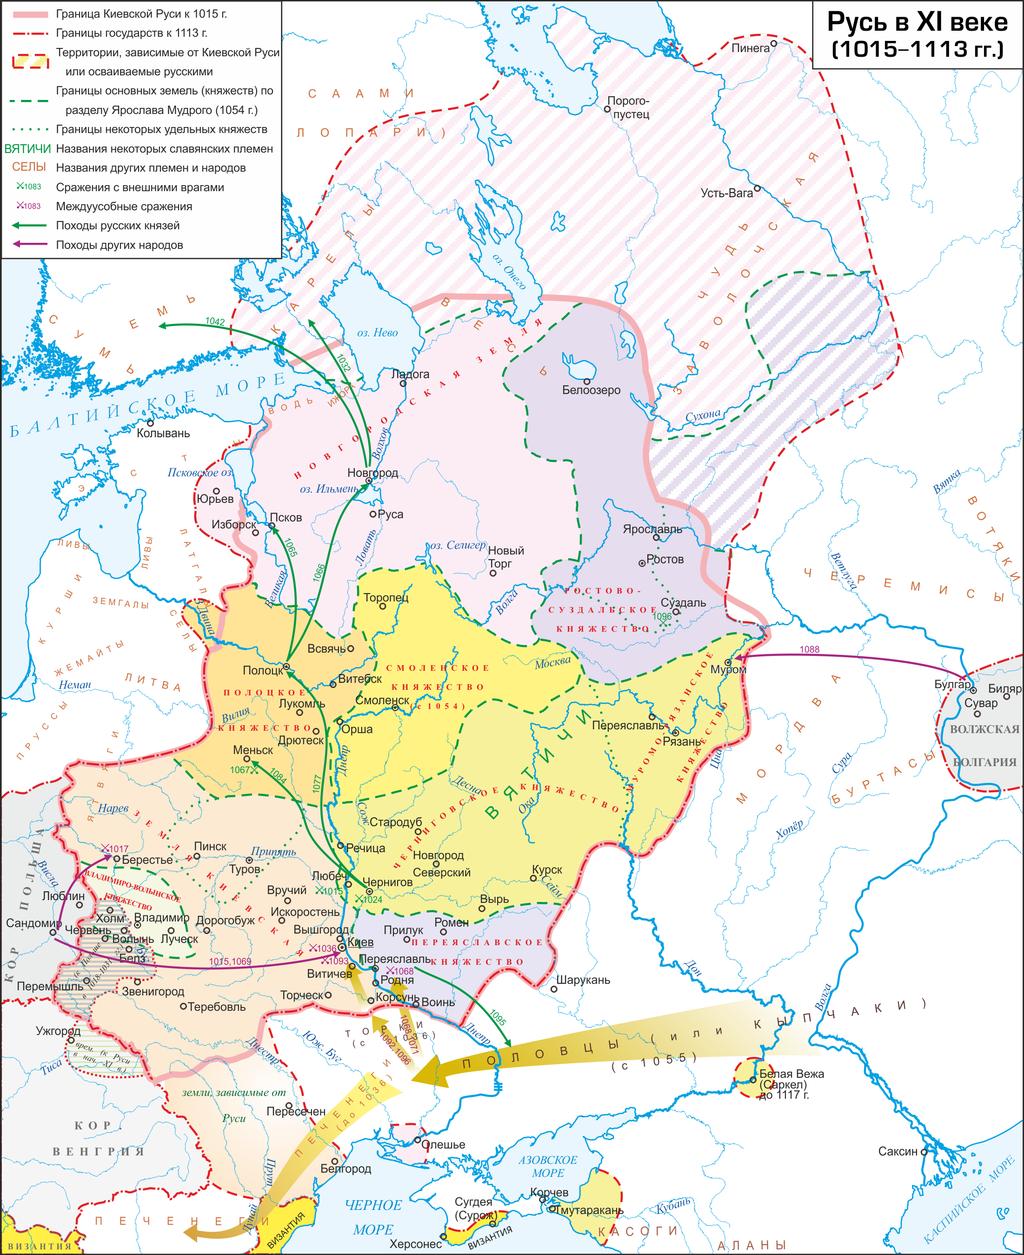 Луганские террористы не доверяют Цареву и советуют ему заняться гуманитарными вопросами - Цензор.НЕТ 8718